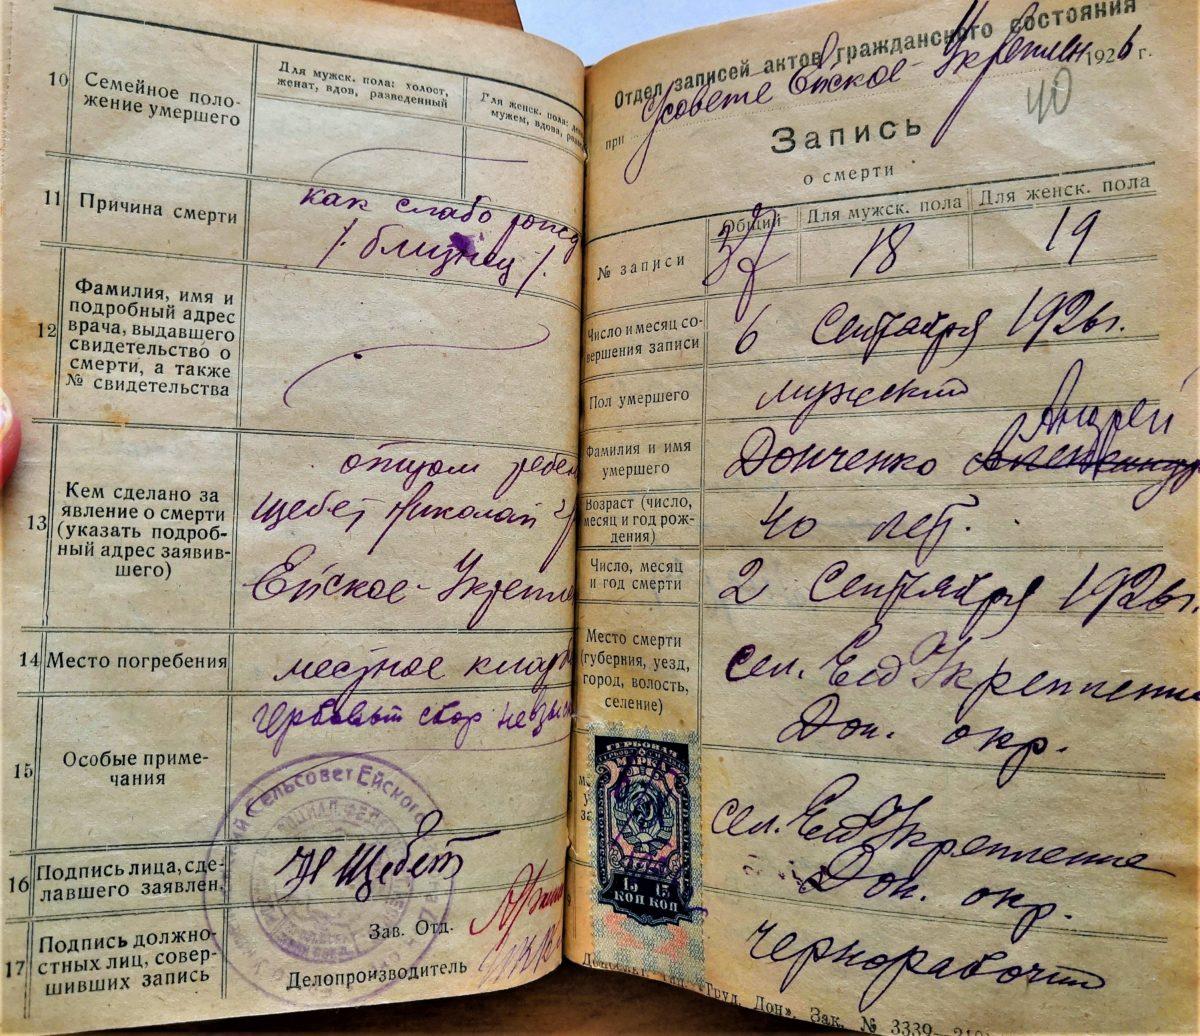 Разворот книги ЗАГС о смерти 1926 года с гербовой маркой